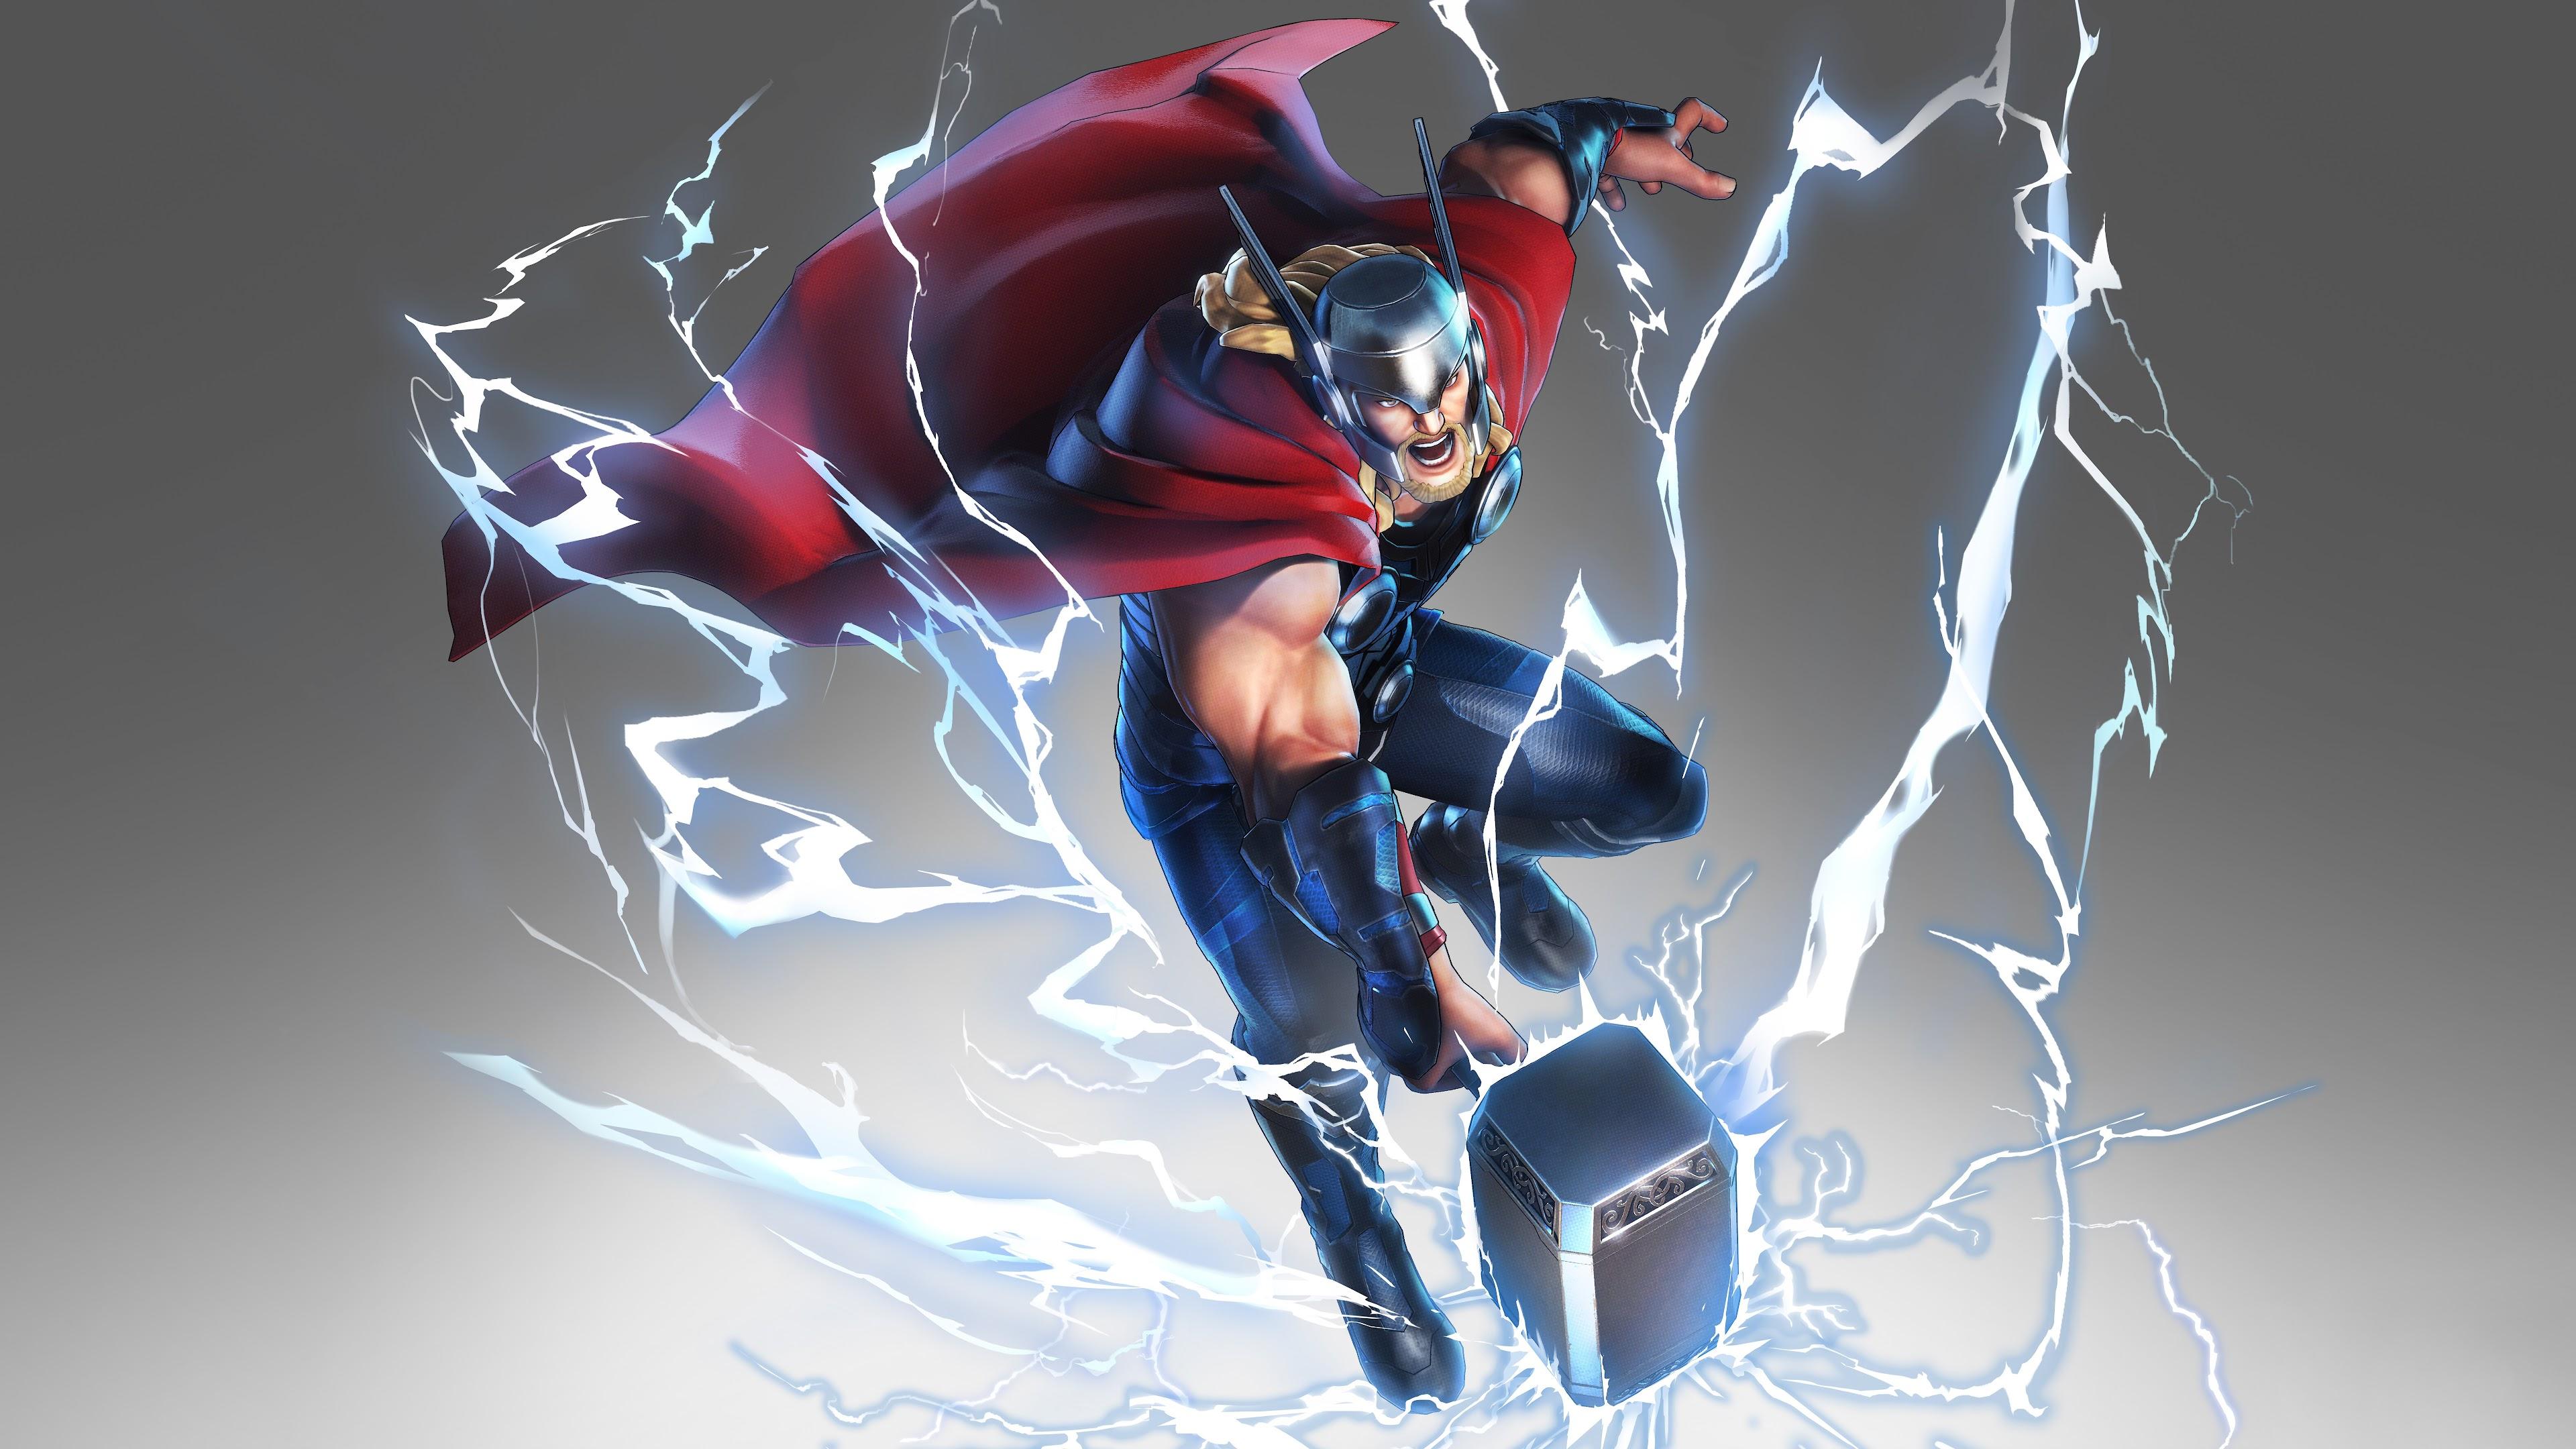 Thor Mjolnir Hammer Lightning Marvel Ultimate Alliance 3 8k